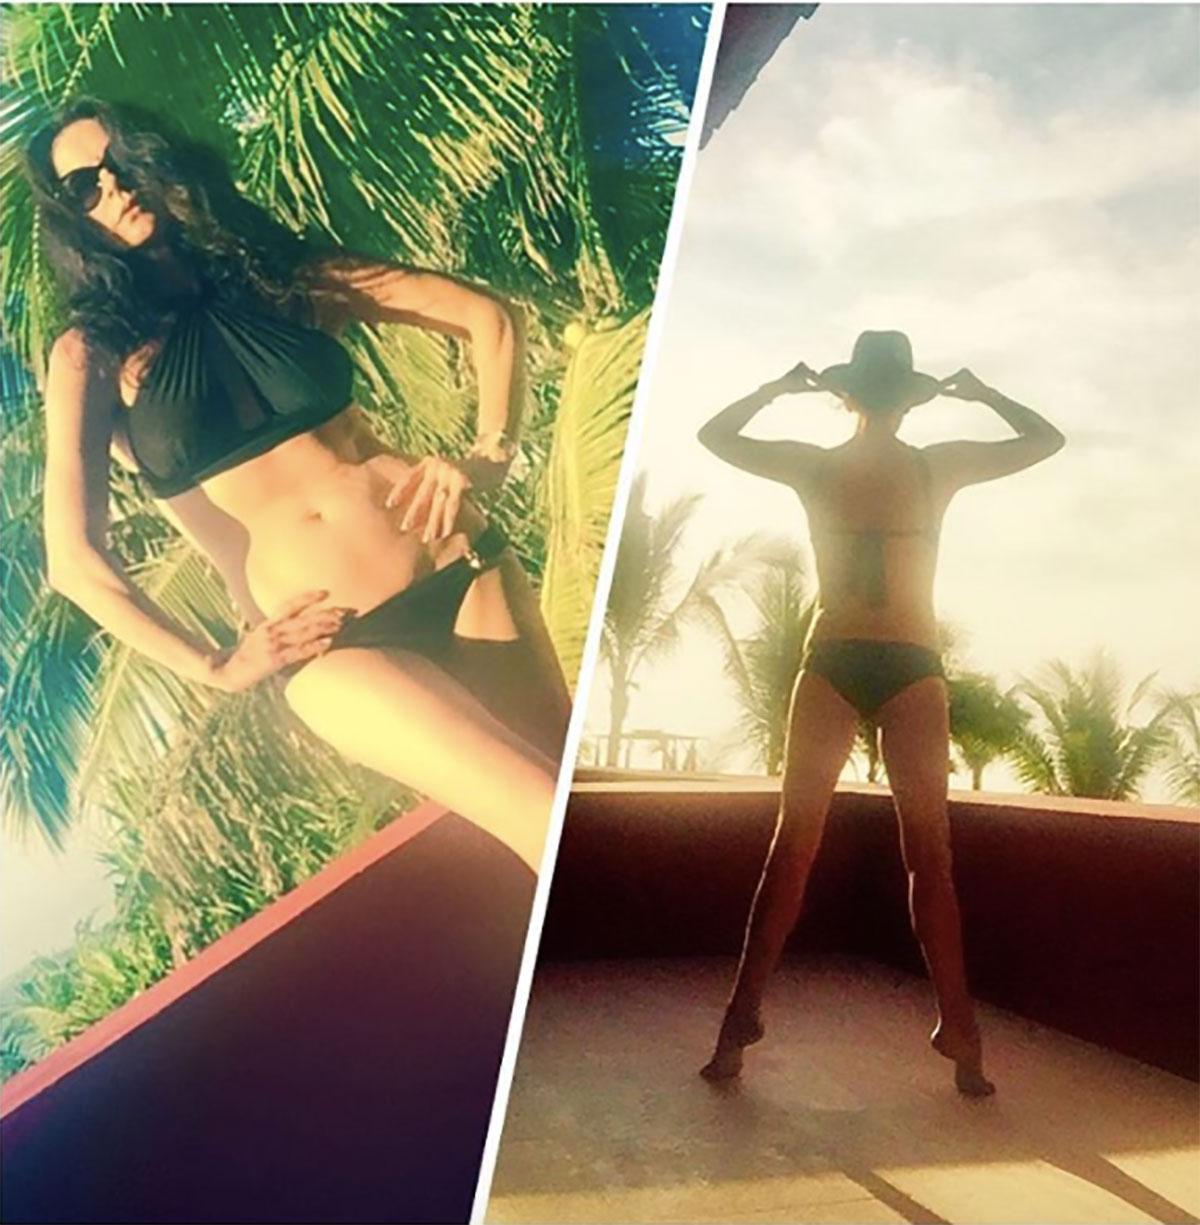 Sideboobs Erotica Lena Dunham  naked (32 fotos), Instagram, see through